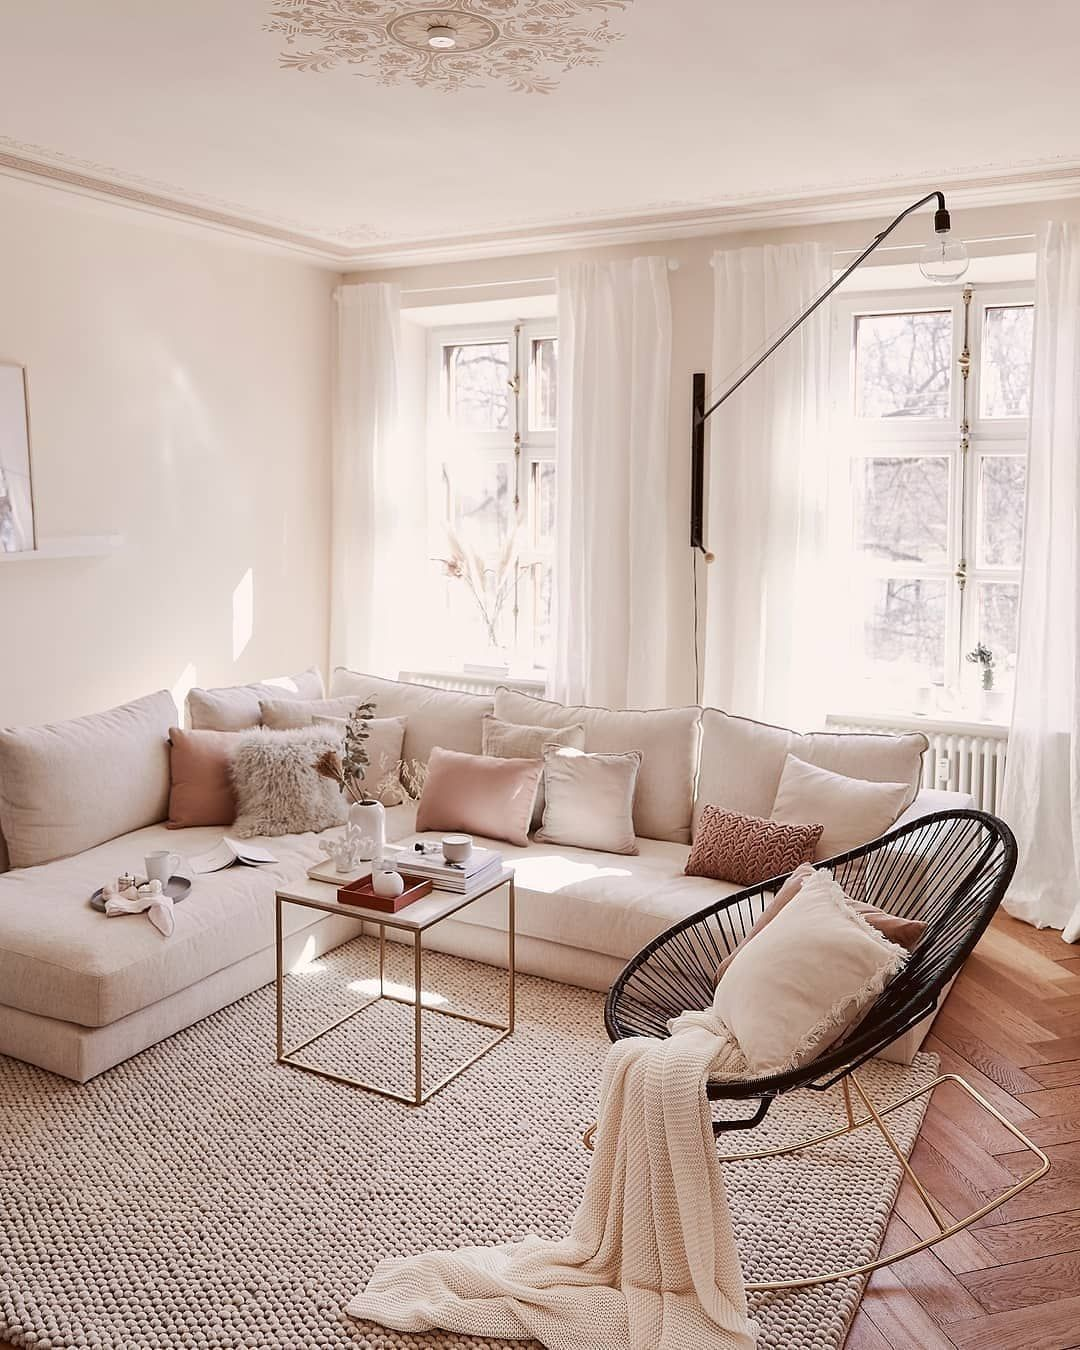 Lo stile glam che amerai! Il salotto è il luogo della casa dove ci rilassiamo, ma anche dove accogliamo gli ospiti. Se vuoi creare un look raffinato ma accogliente, scegli materiali morbidi come il velluto e le pellicce. Dai un tocco di eleganza con il colore oro e non dimenticare una comoda sedia a dondolo! // Divano Angolare Moderno Rosa Grigio Poltrona Idee Arredo Arredamento Interior Design Shabby Elegante #salotto #interiordesign #stoelen